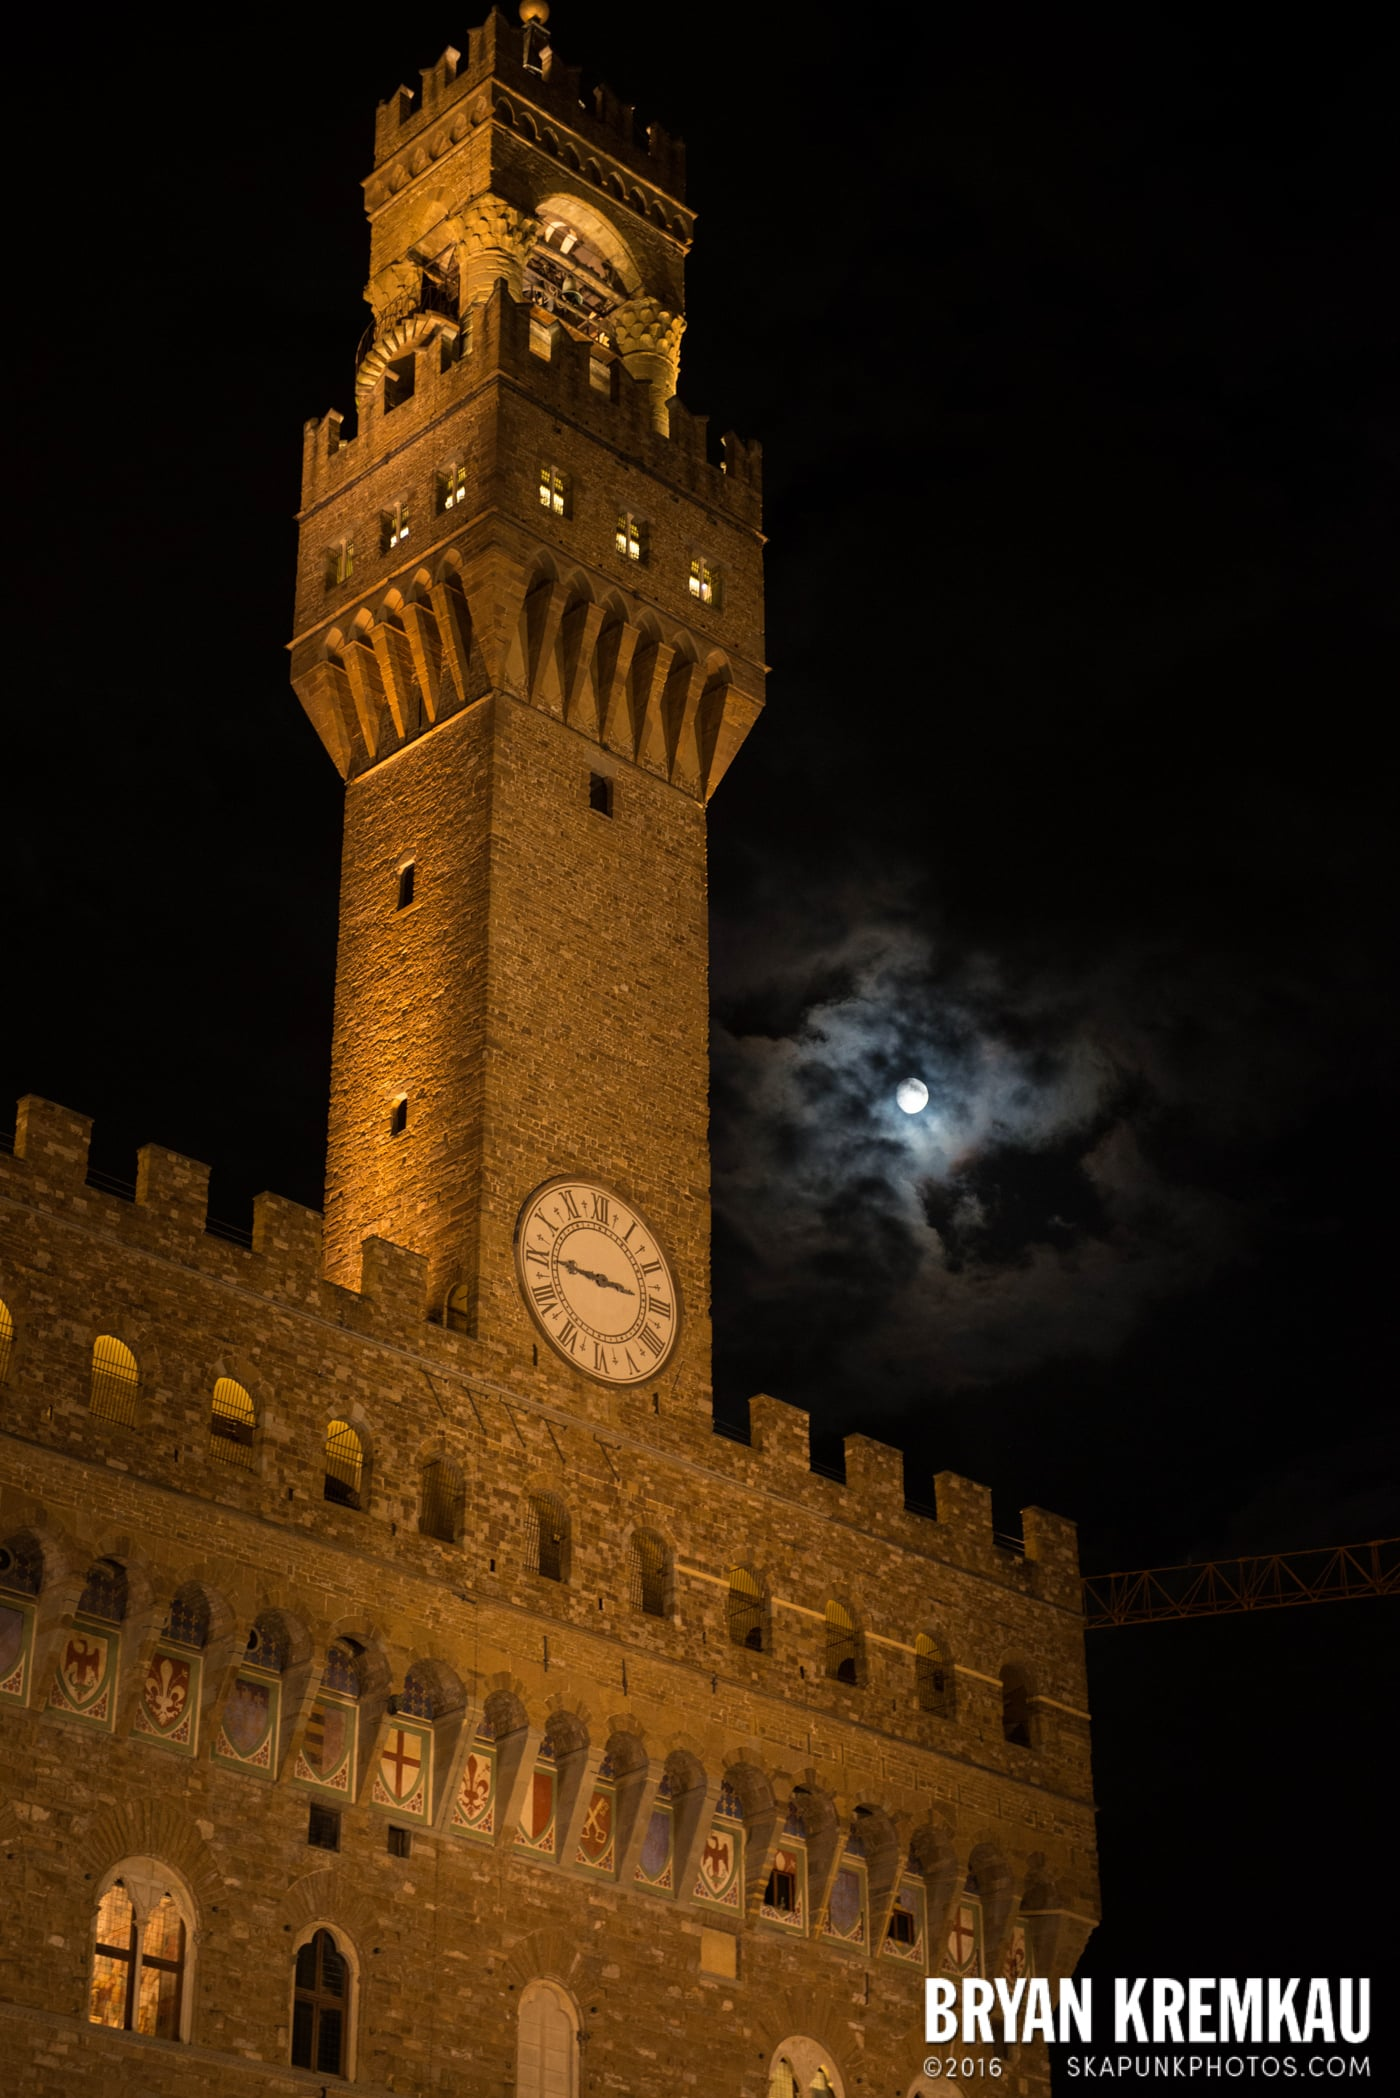 Italy Vacation - Day 8: Siena, San Gimignano, Chianti, Pisa - 9.16.13 (1)